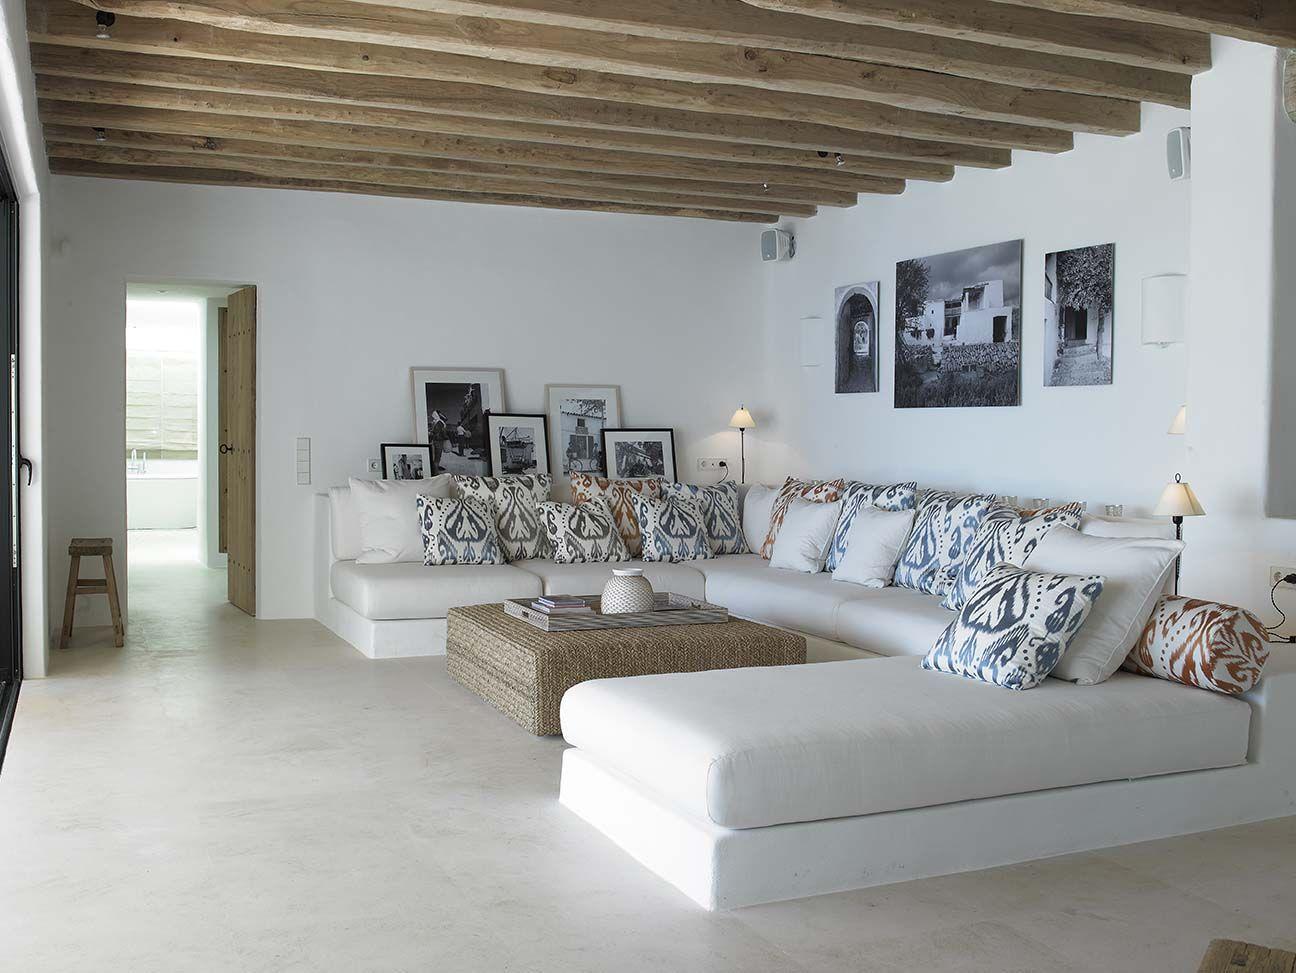 Sofa de obra son c modos me gusta como opci n decorativa for Sofas buenos y comodos